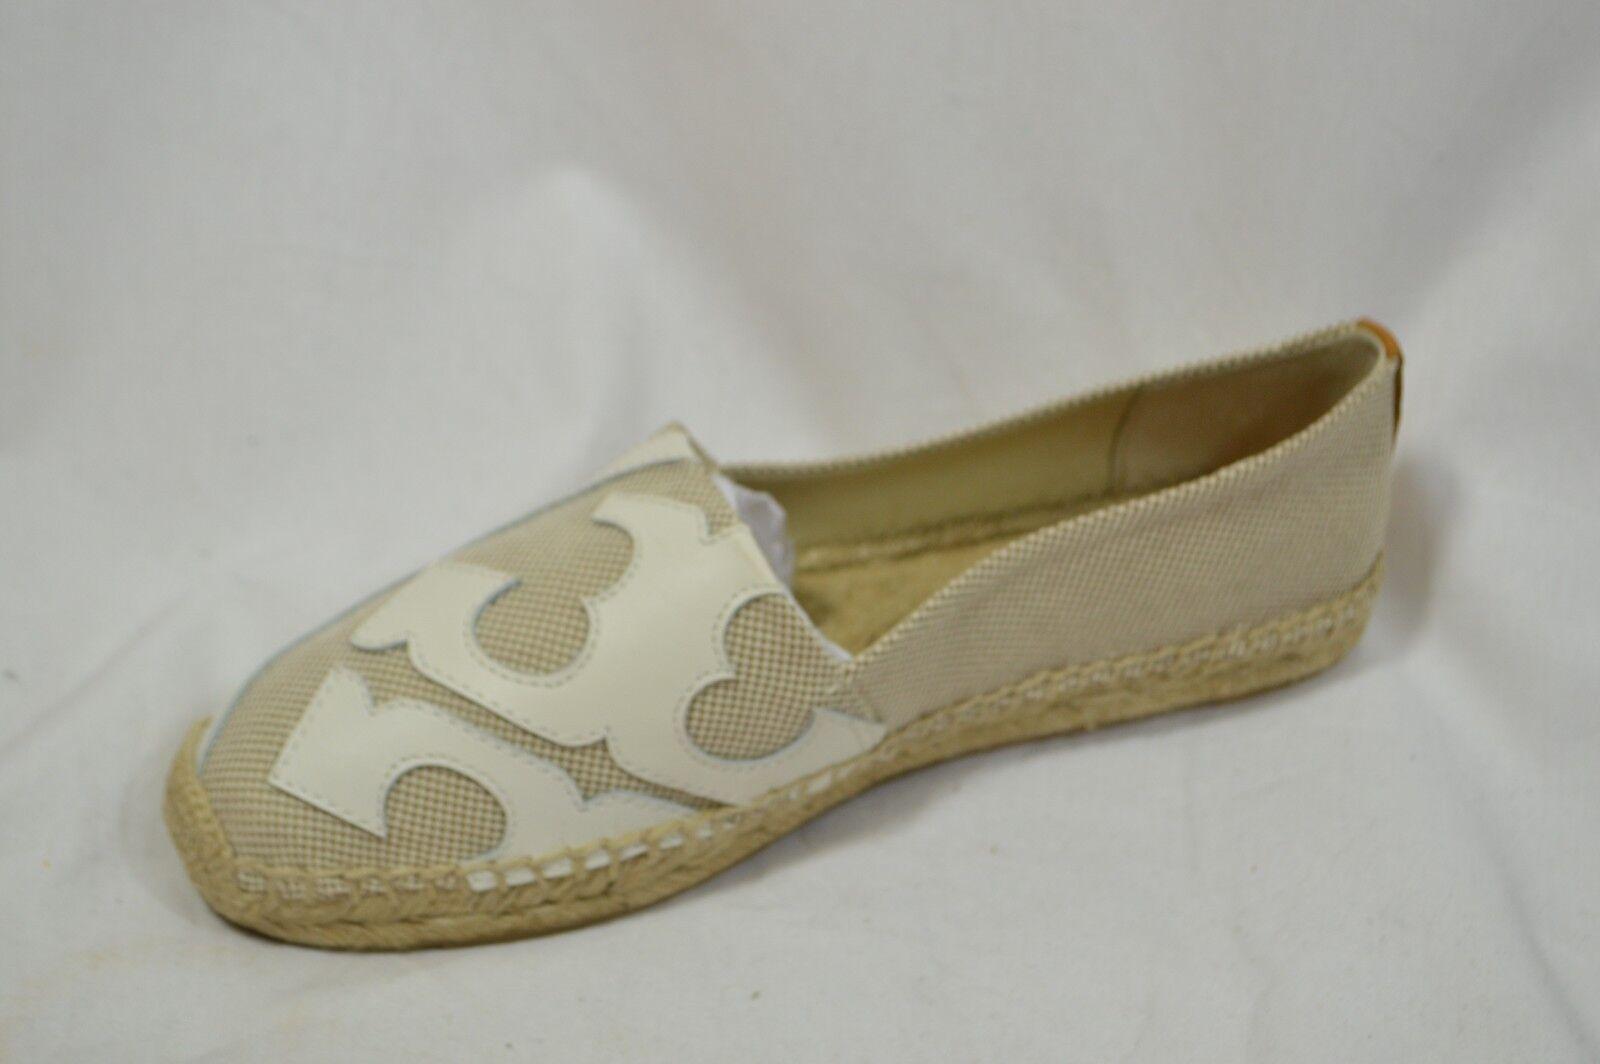 negozio d'offerta TORY BURCH scarpe scarpe scarpe Lonnie flat espadrills vnat cream nat canvas  al prezzo più basso